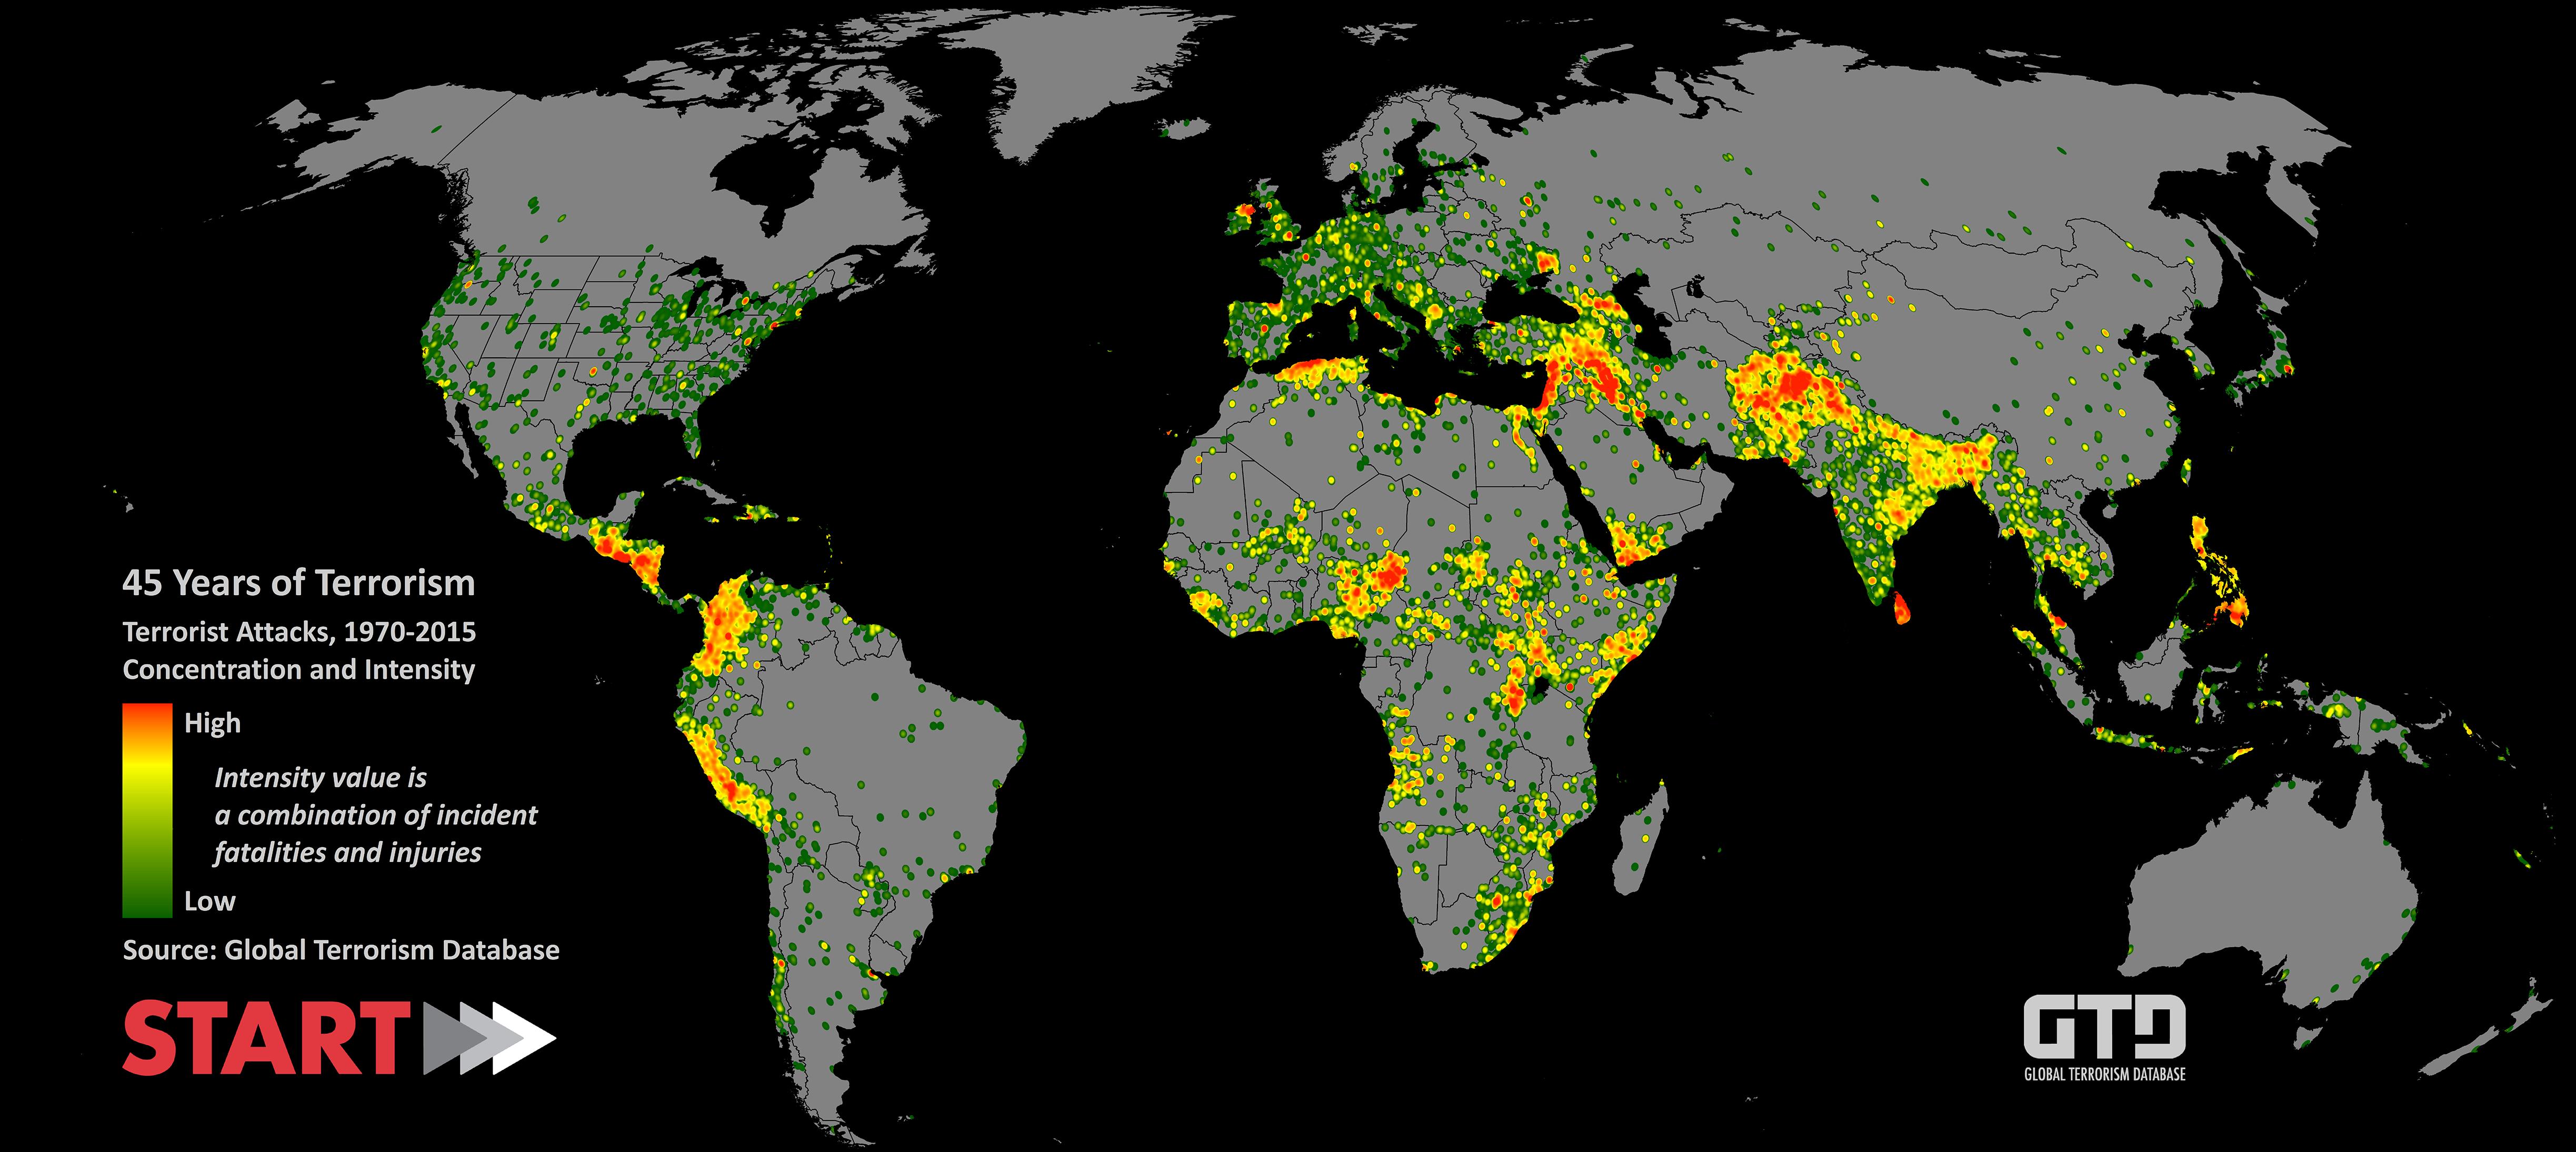 Una mappa del Global Terrorism Database illustra gli attentati dal 1945 al 2015. Le aree più colpite sono Medio Oriente e Nord Africa.